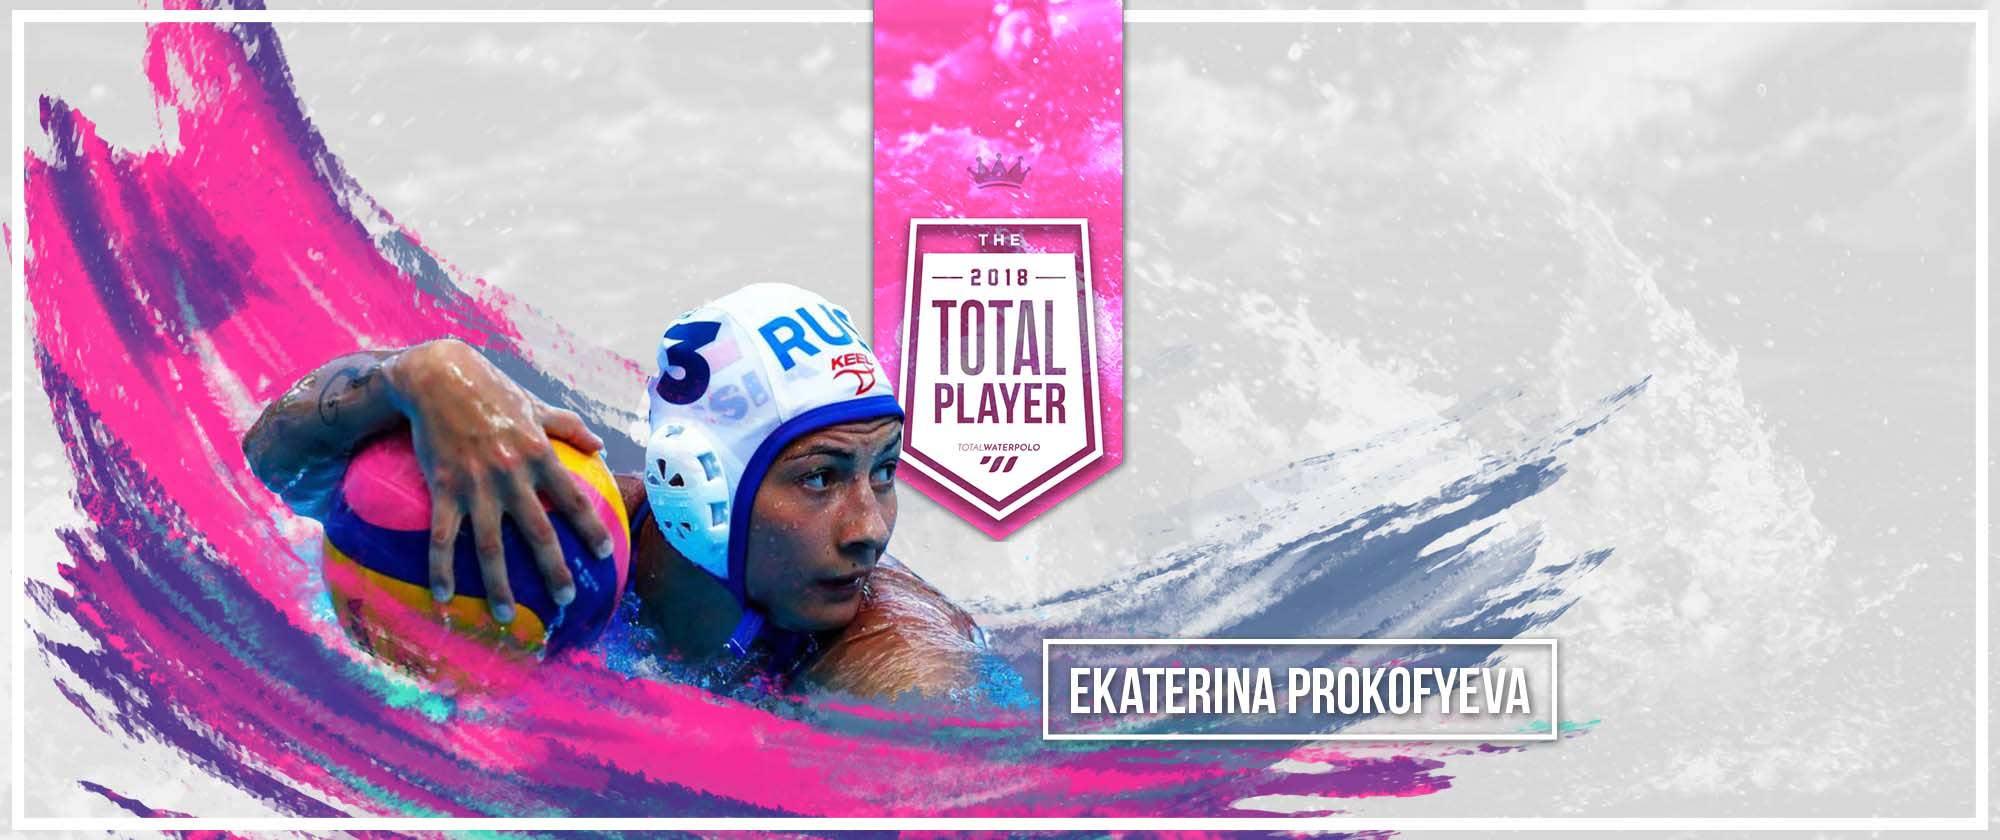 Total-Player-2018-Ekaterina-Prokofyeva-Cover